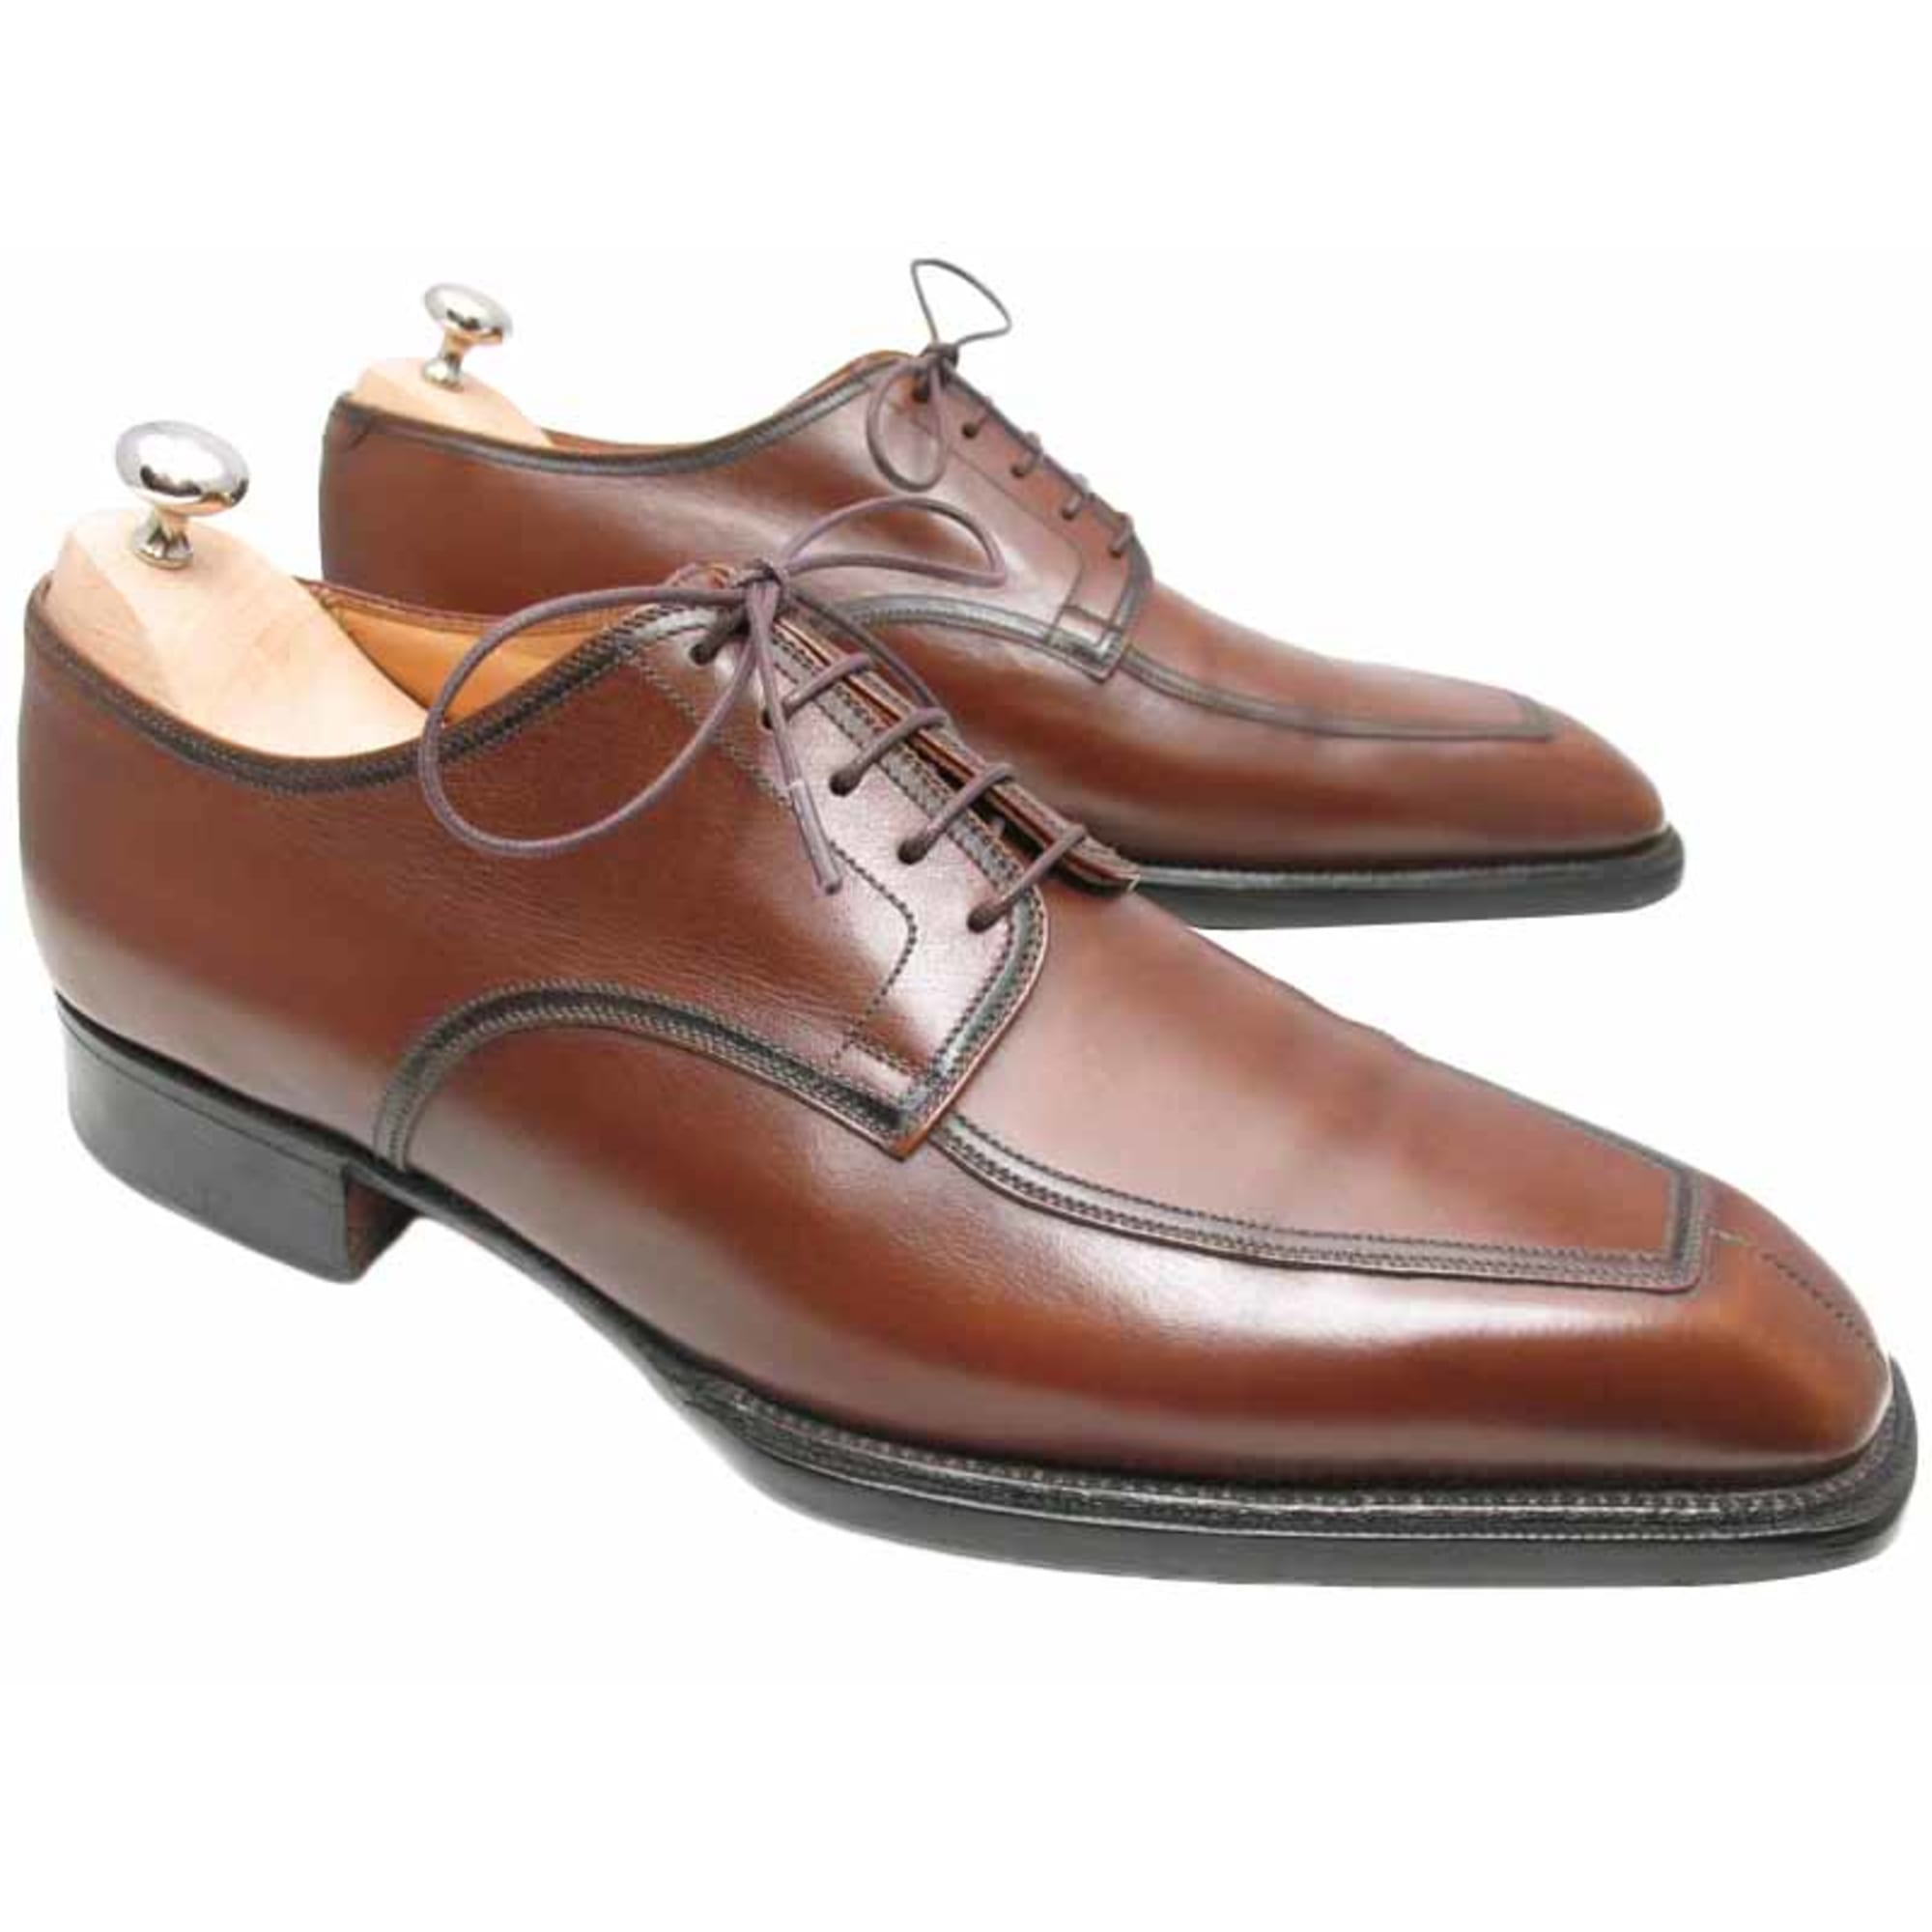 Chaussures à lacets J.M. WESTON 40,5 marron - 3428041 43ea08810c5